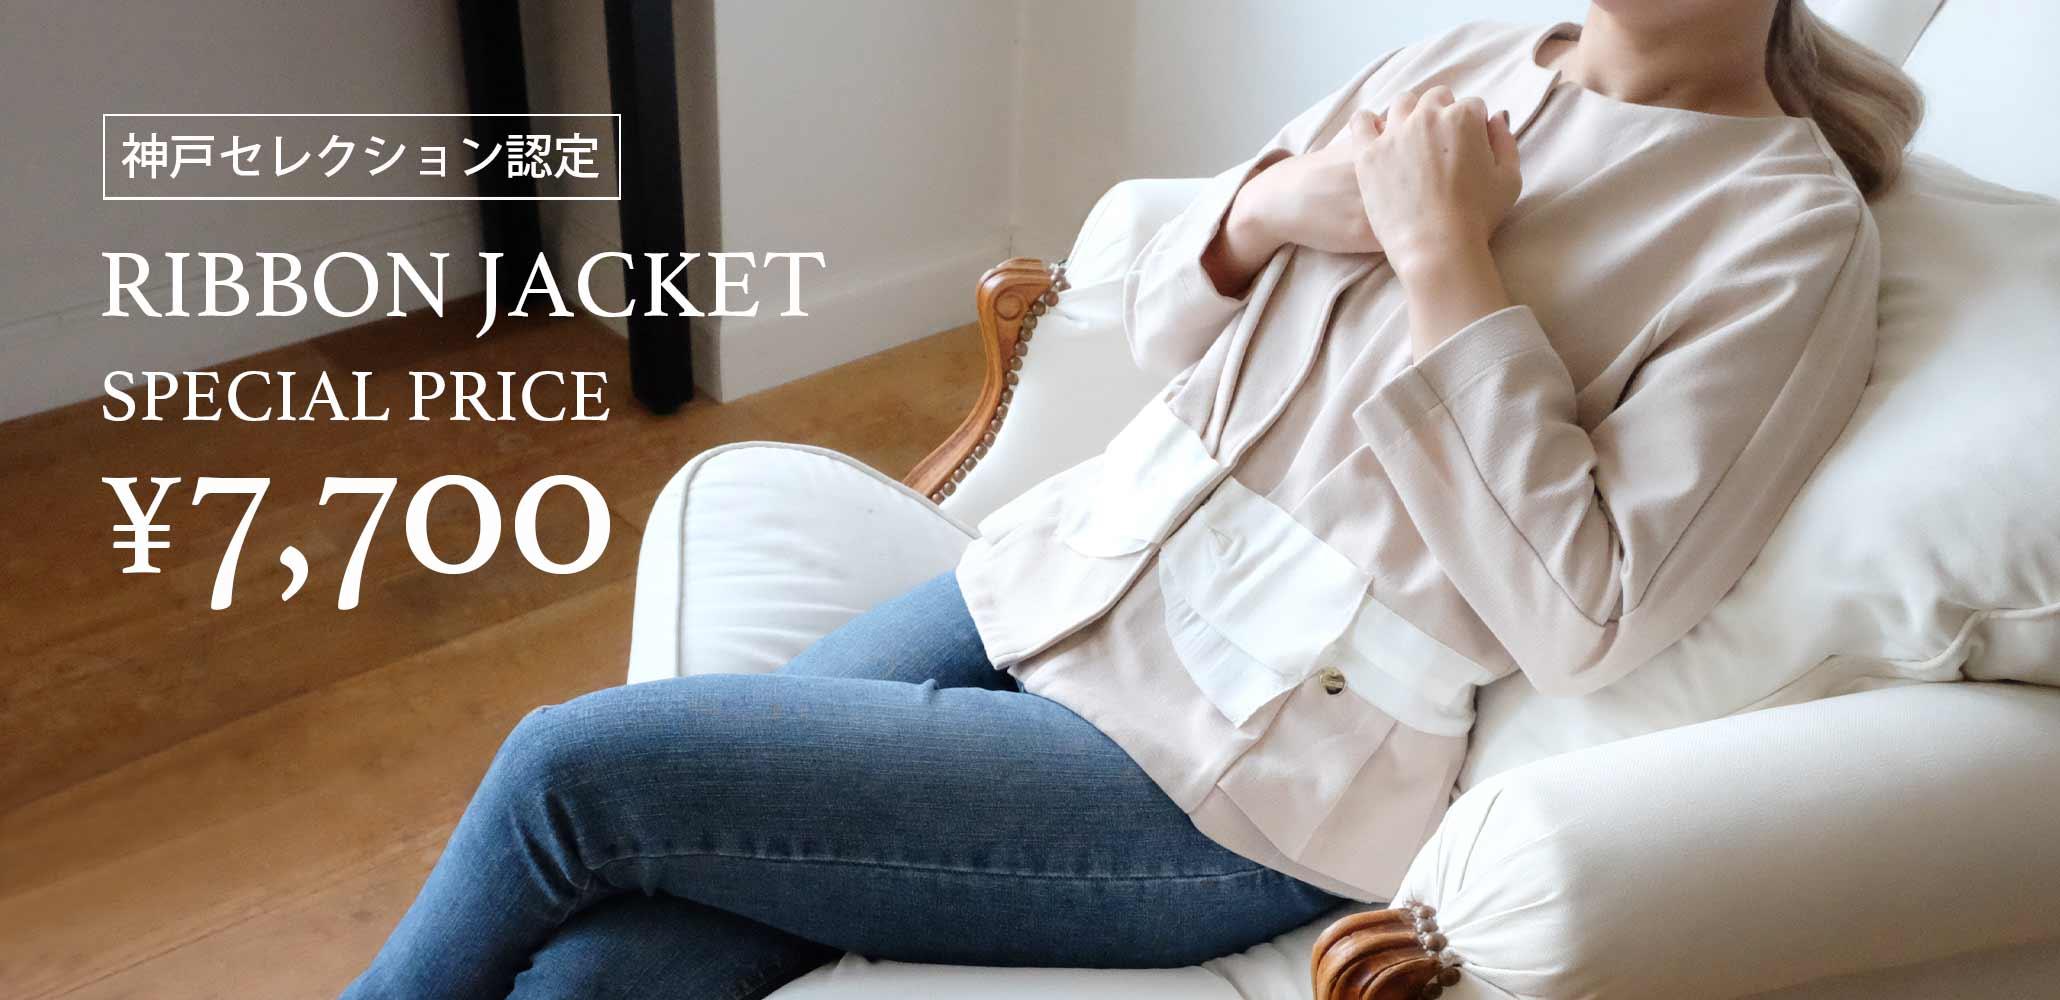 神戸セレクション認定商品、リボンジャケットがSPECIAL価格にて発売!